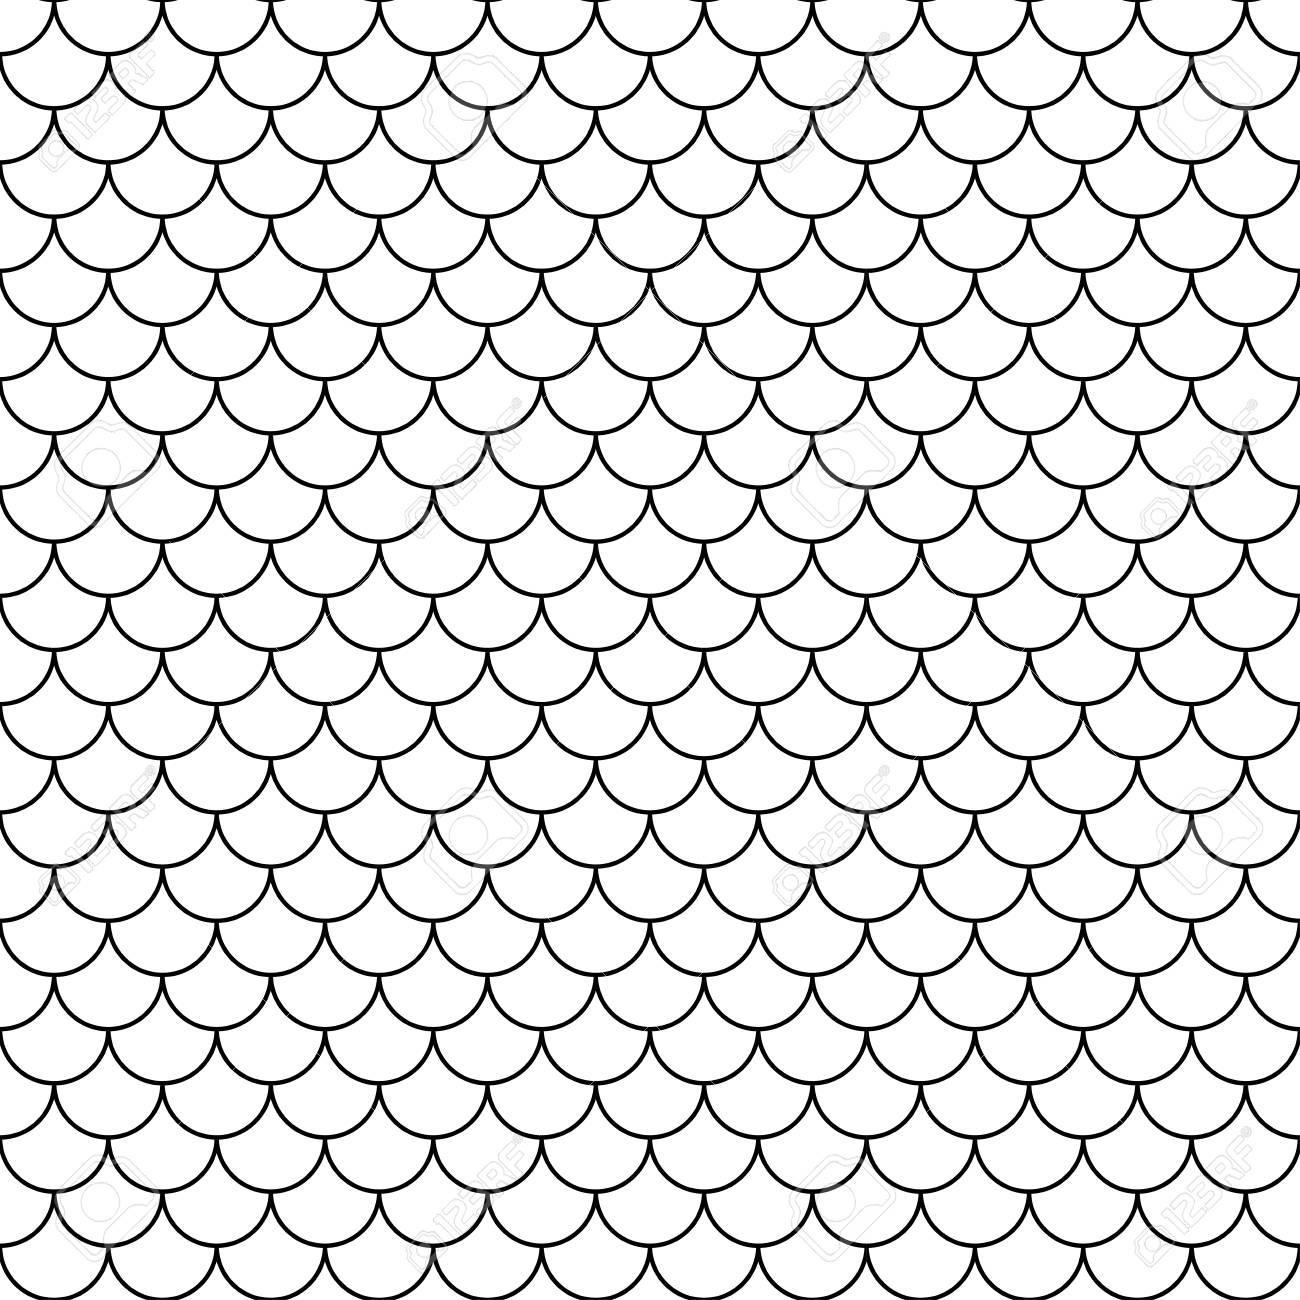 Vector Echelles Modernes Sans Soudure Motif Geometrique Noir Et